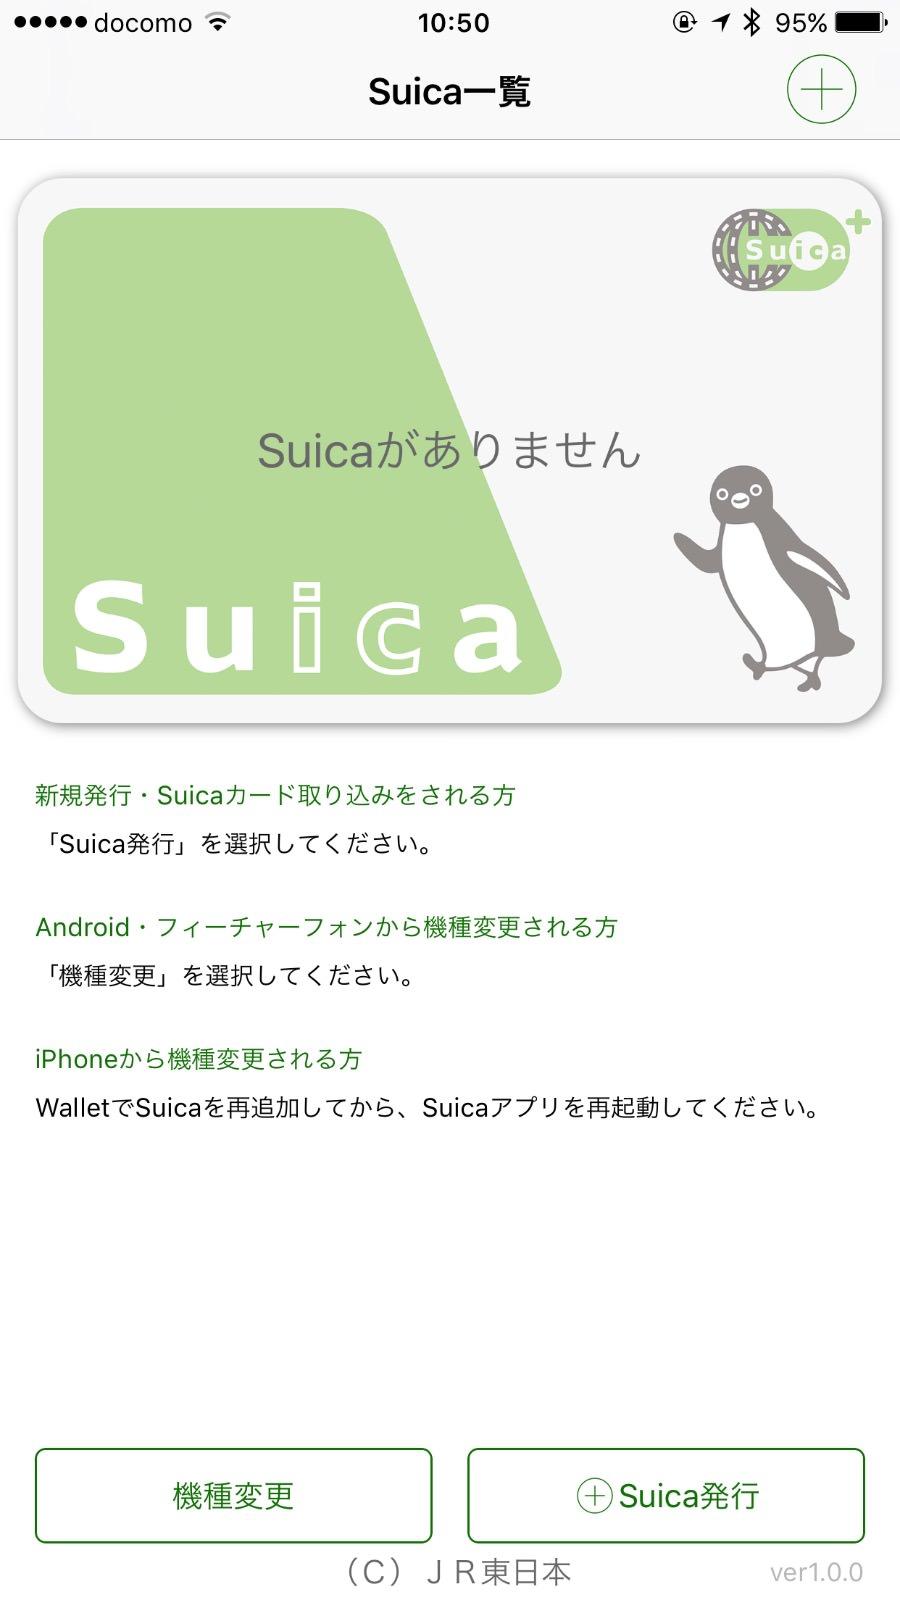 iPhone用「モバイルSuica」アプリがリリース 〜ビューカードでオートチャージ設定してみた